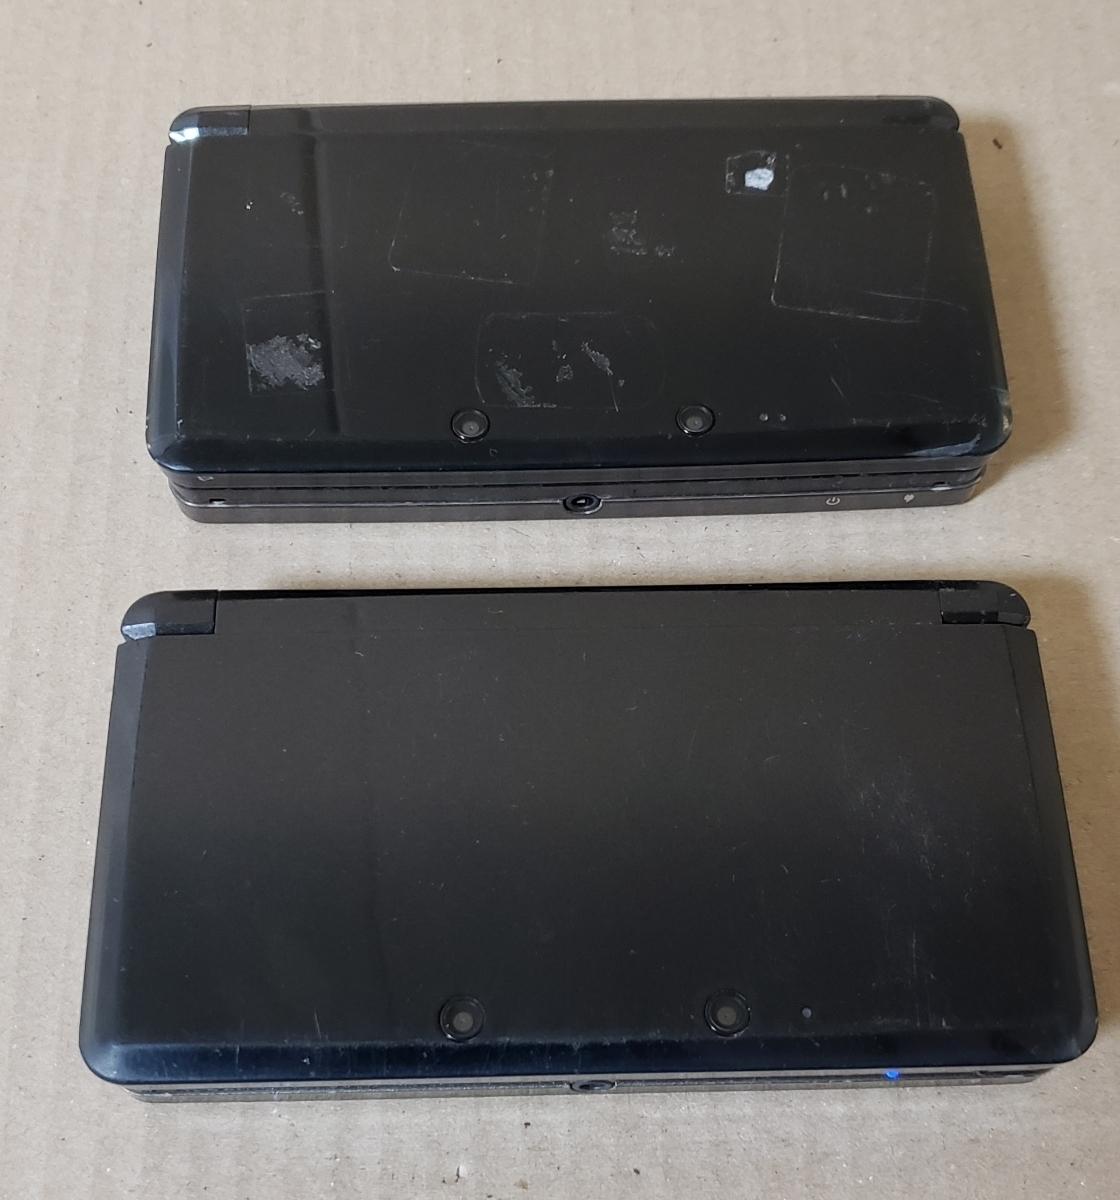 【ジャンク品】任天堂 Nintendo3DS本体のみ×2台_画像3